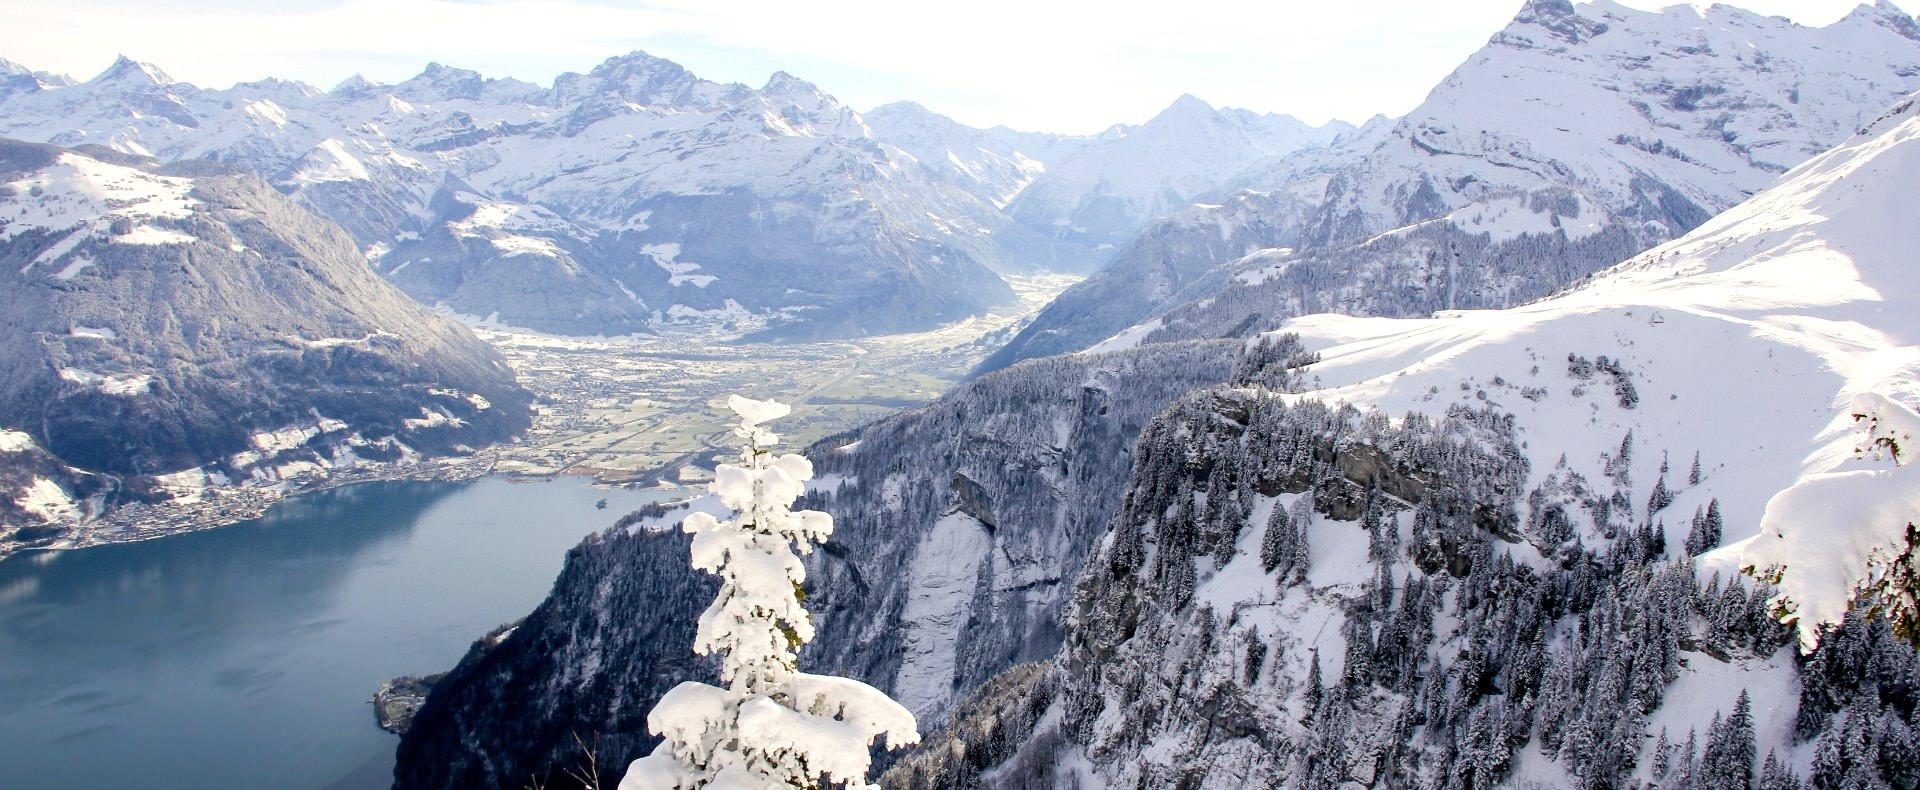 Swiss Alps, Lucerne region, Switzerland